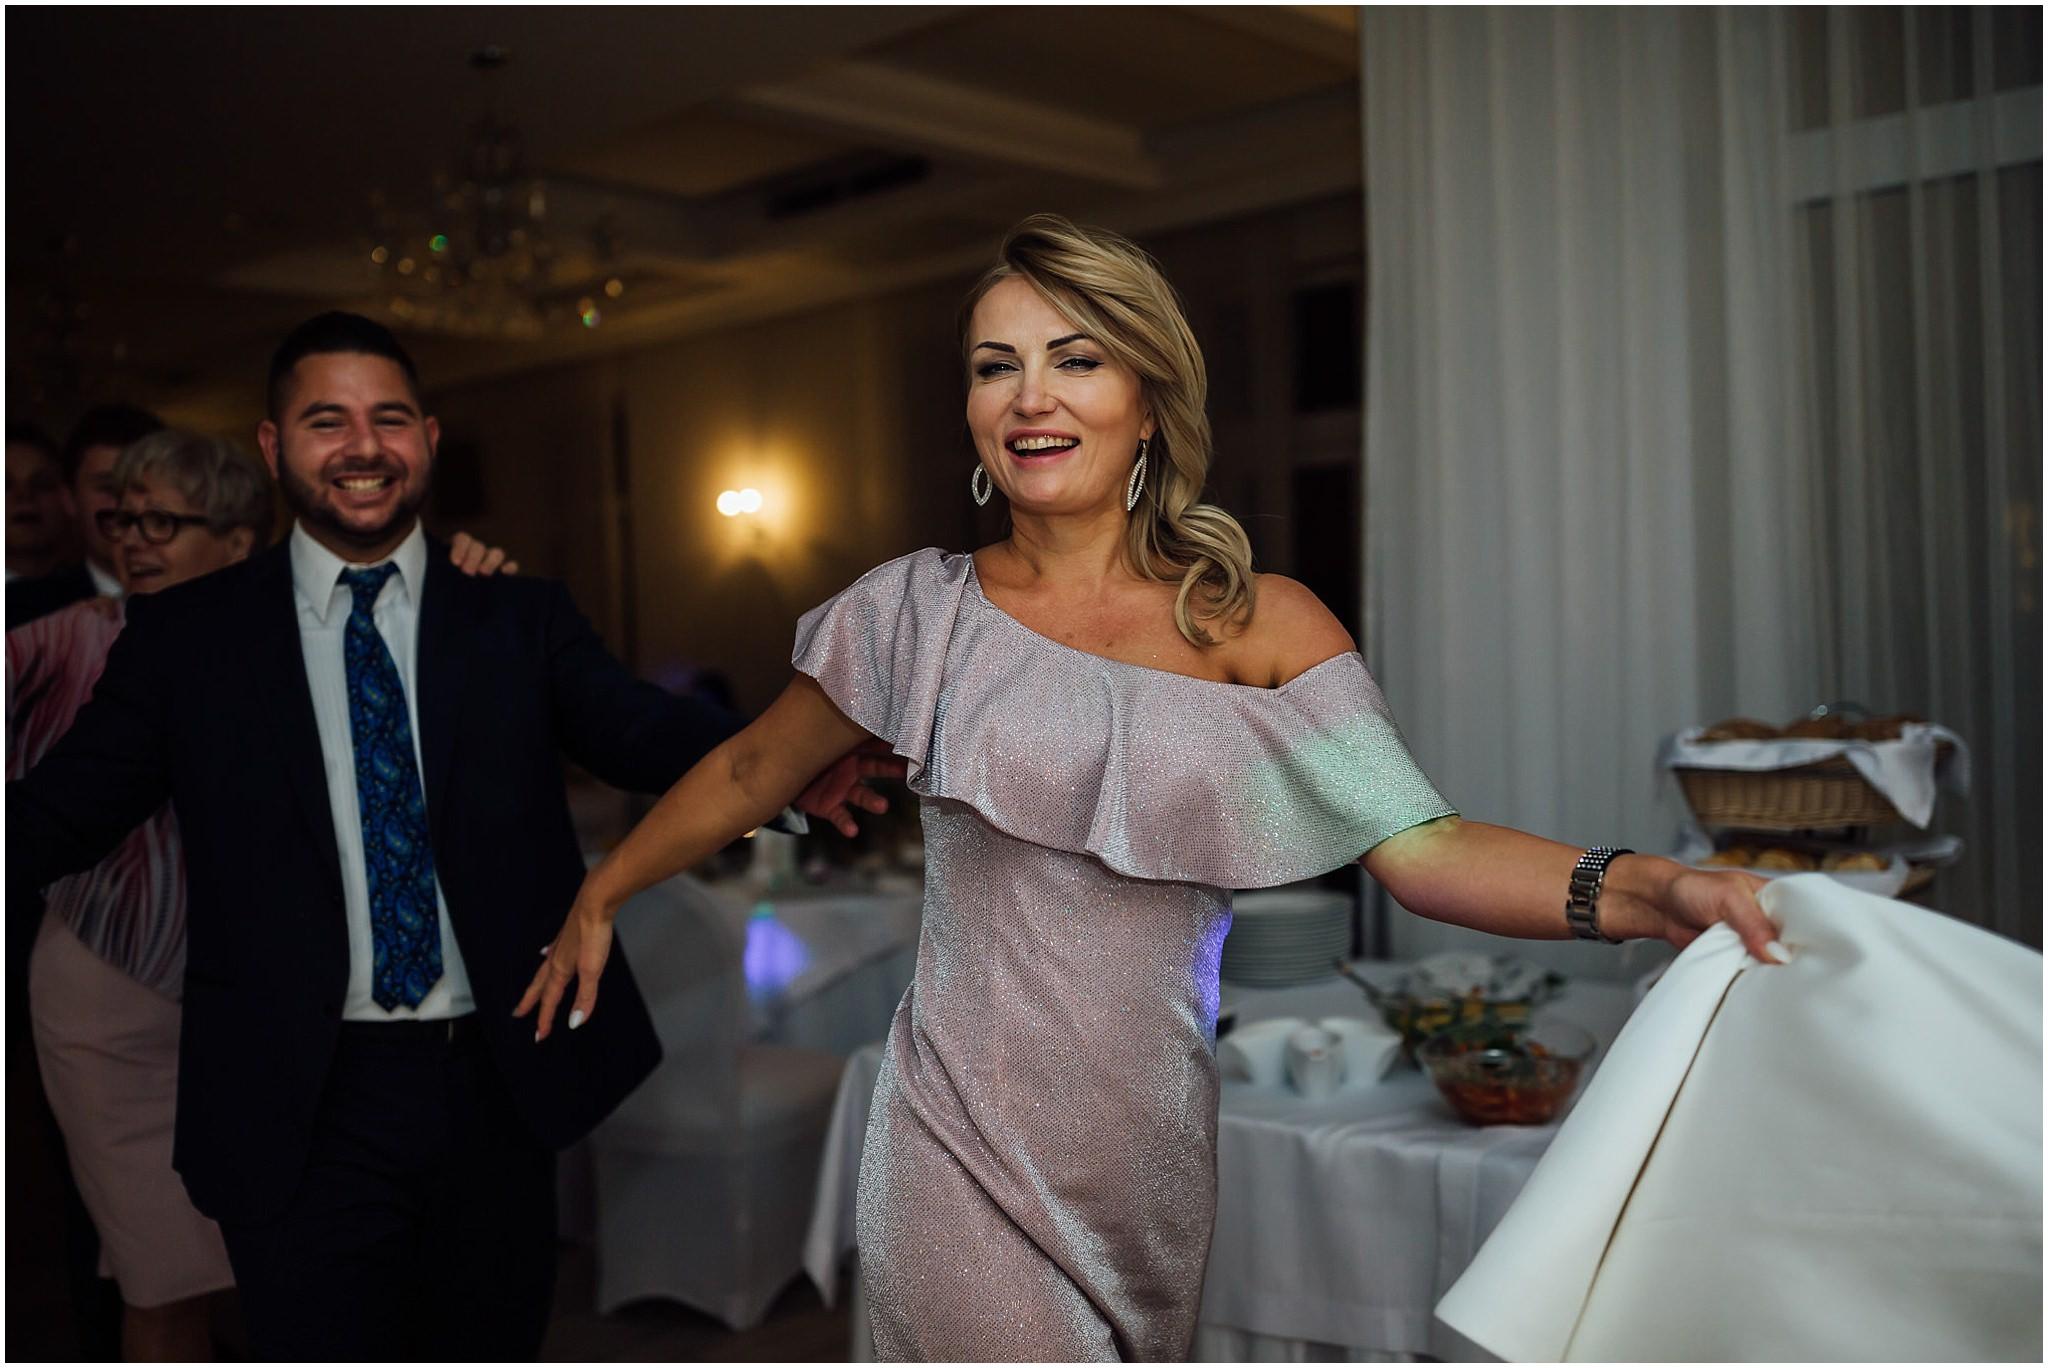 2018,Andrzejewski Pawel,Budziejewo,Fotografia slubna,Róża Poraja,Wedding photography,www.andrzejewskipawel.com,